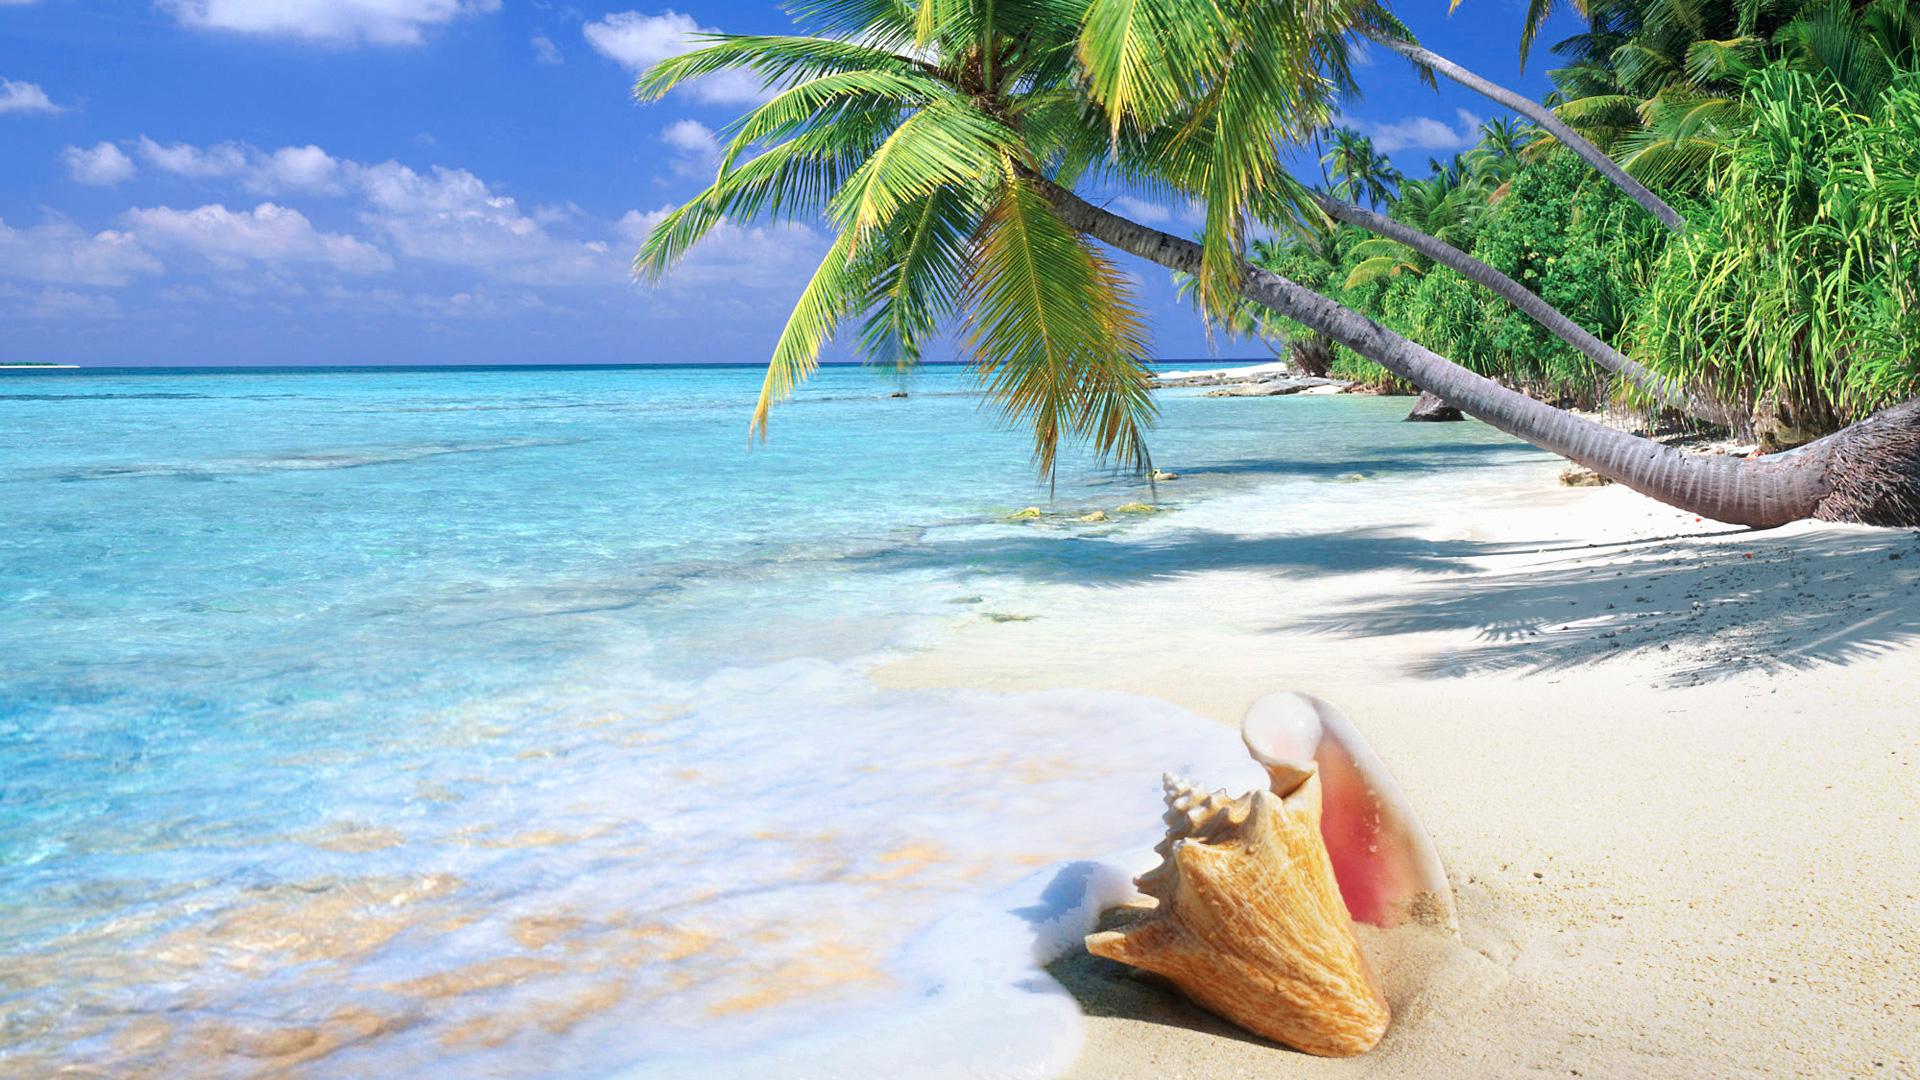 hd wallpaper tropical beach shell | wallpapers55.com - Best Wallpapers ...